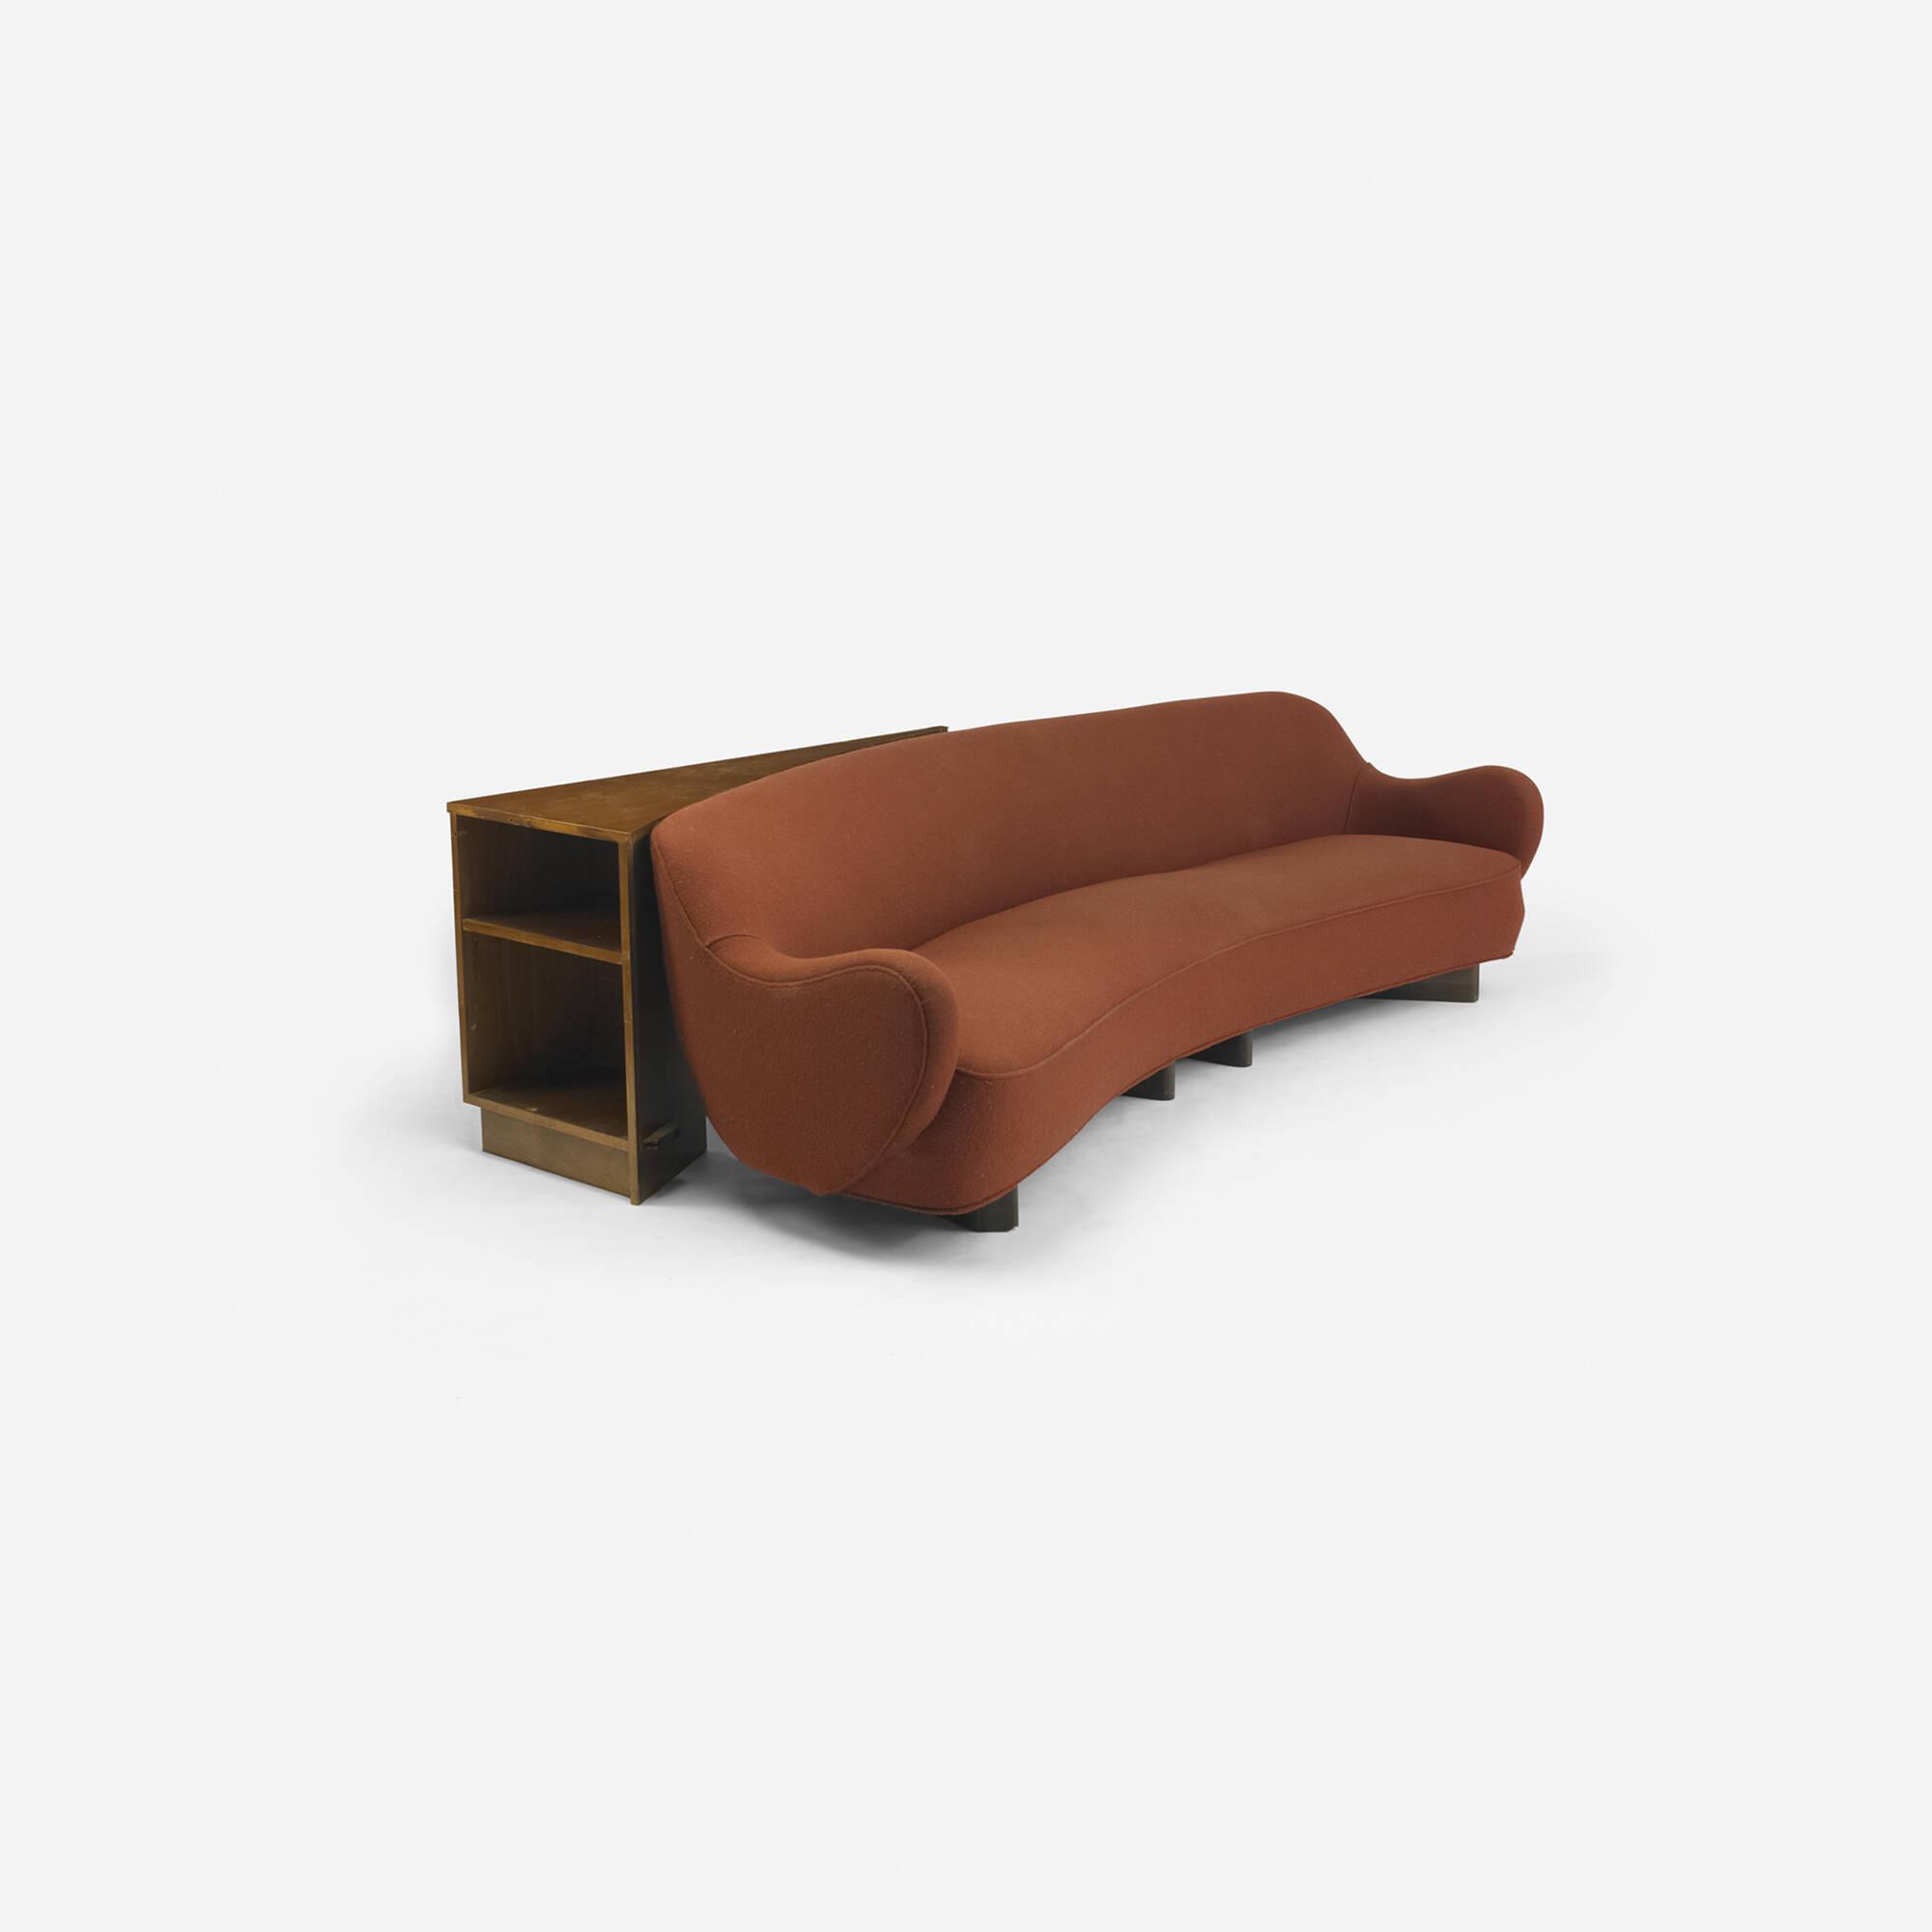 Modern Home Design October 2012: 216: VLADIMIR KAGAN, Sculptural Form Sofa From A Manhattan